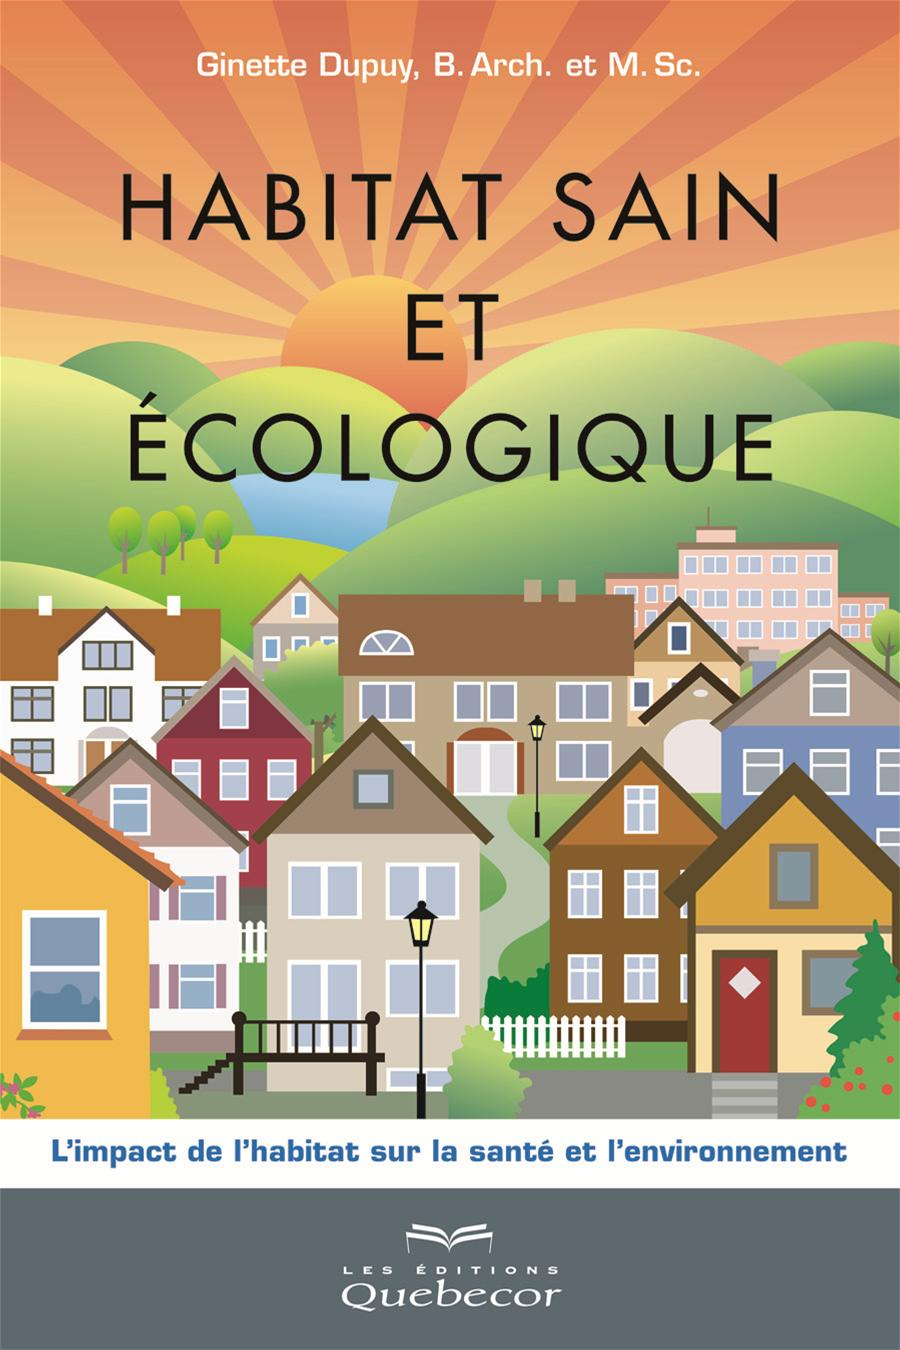 Habitat sain et écologique